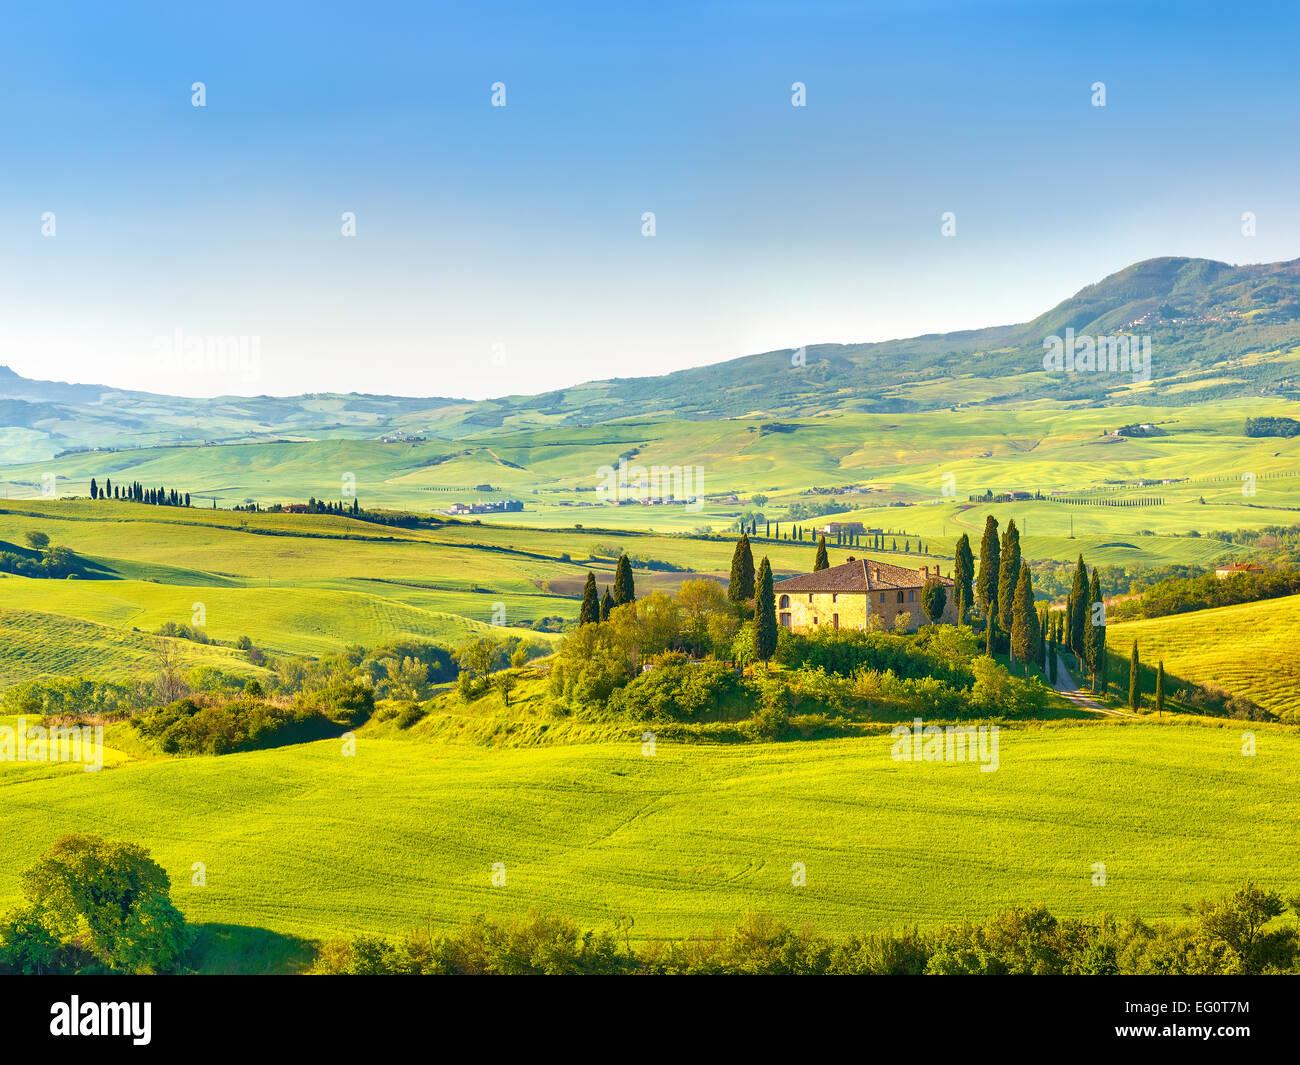 Tuscany at spring - Stock Image